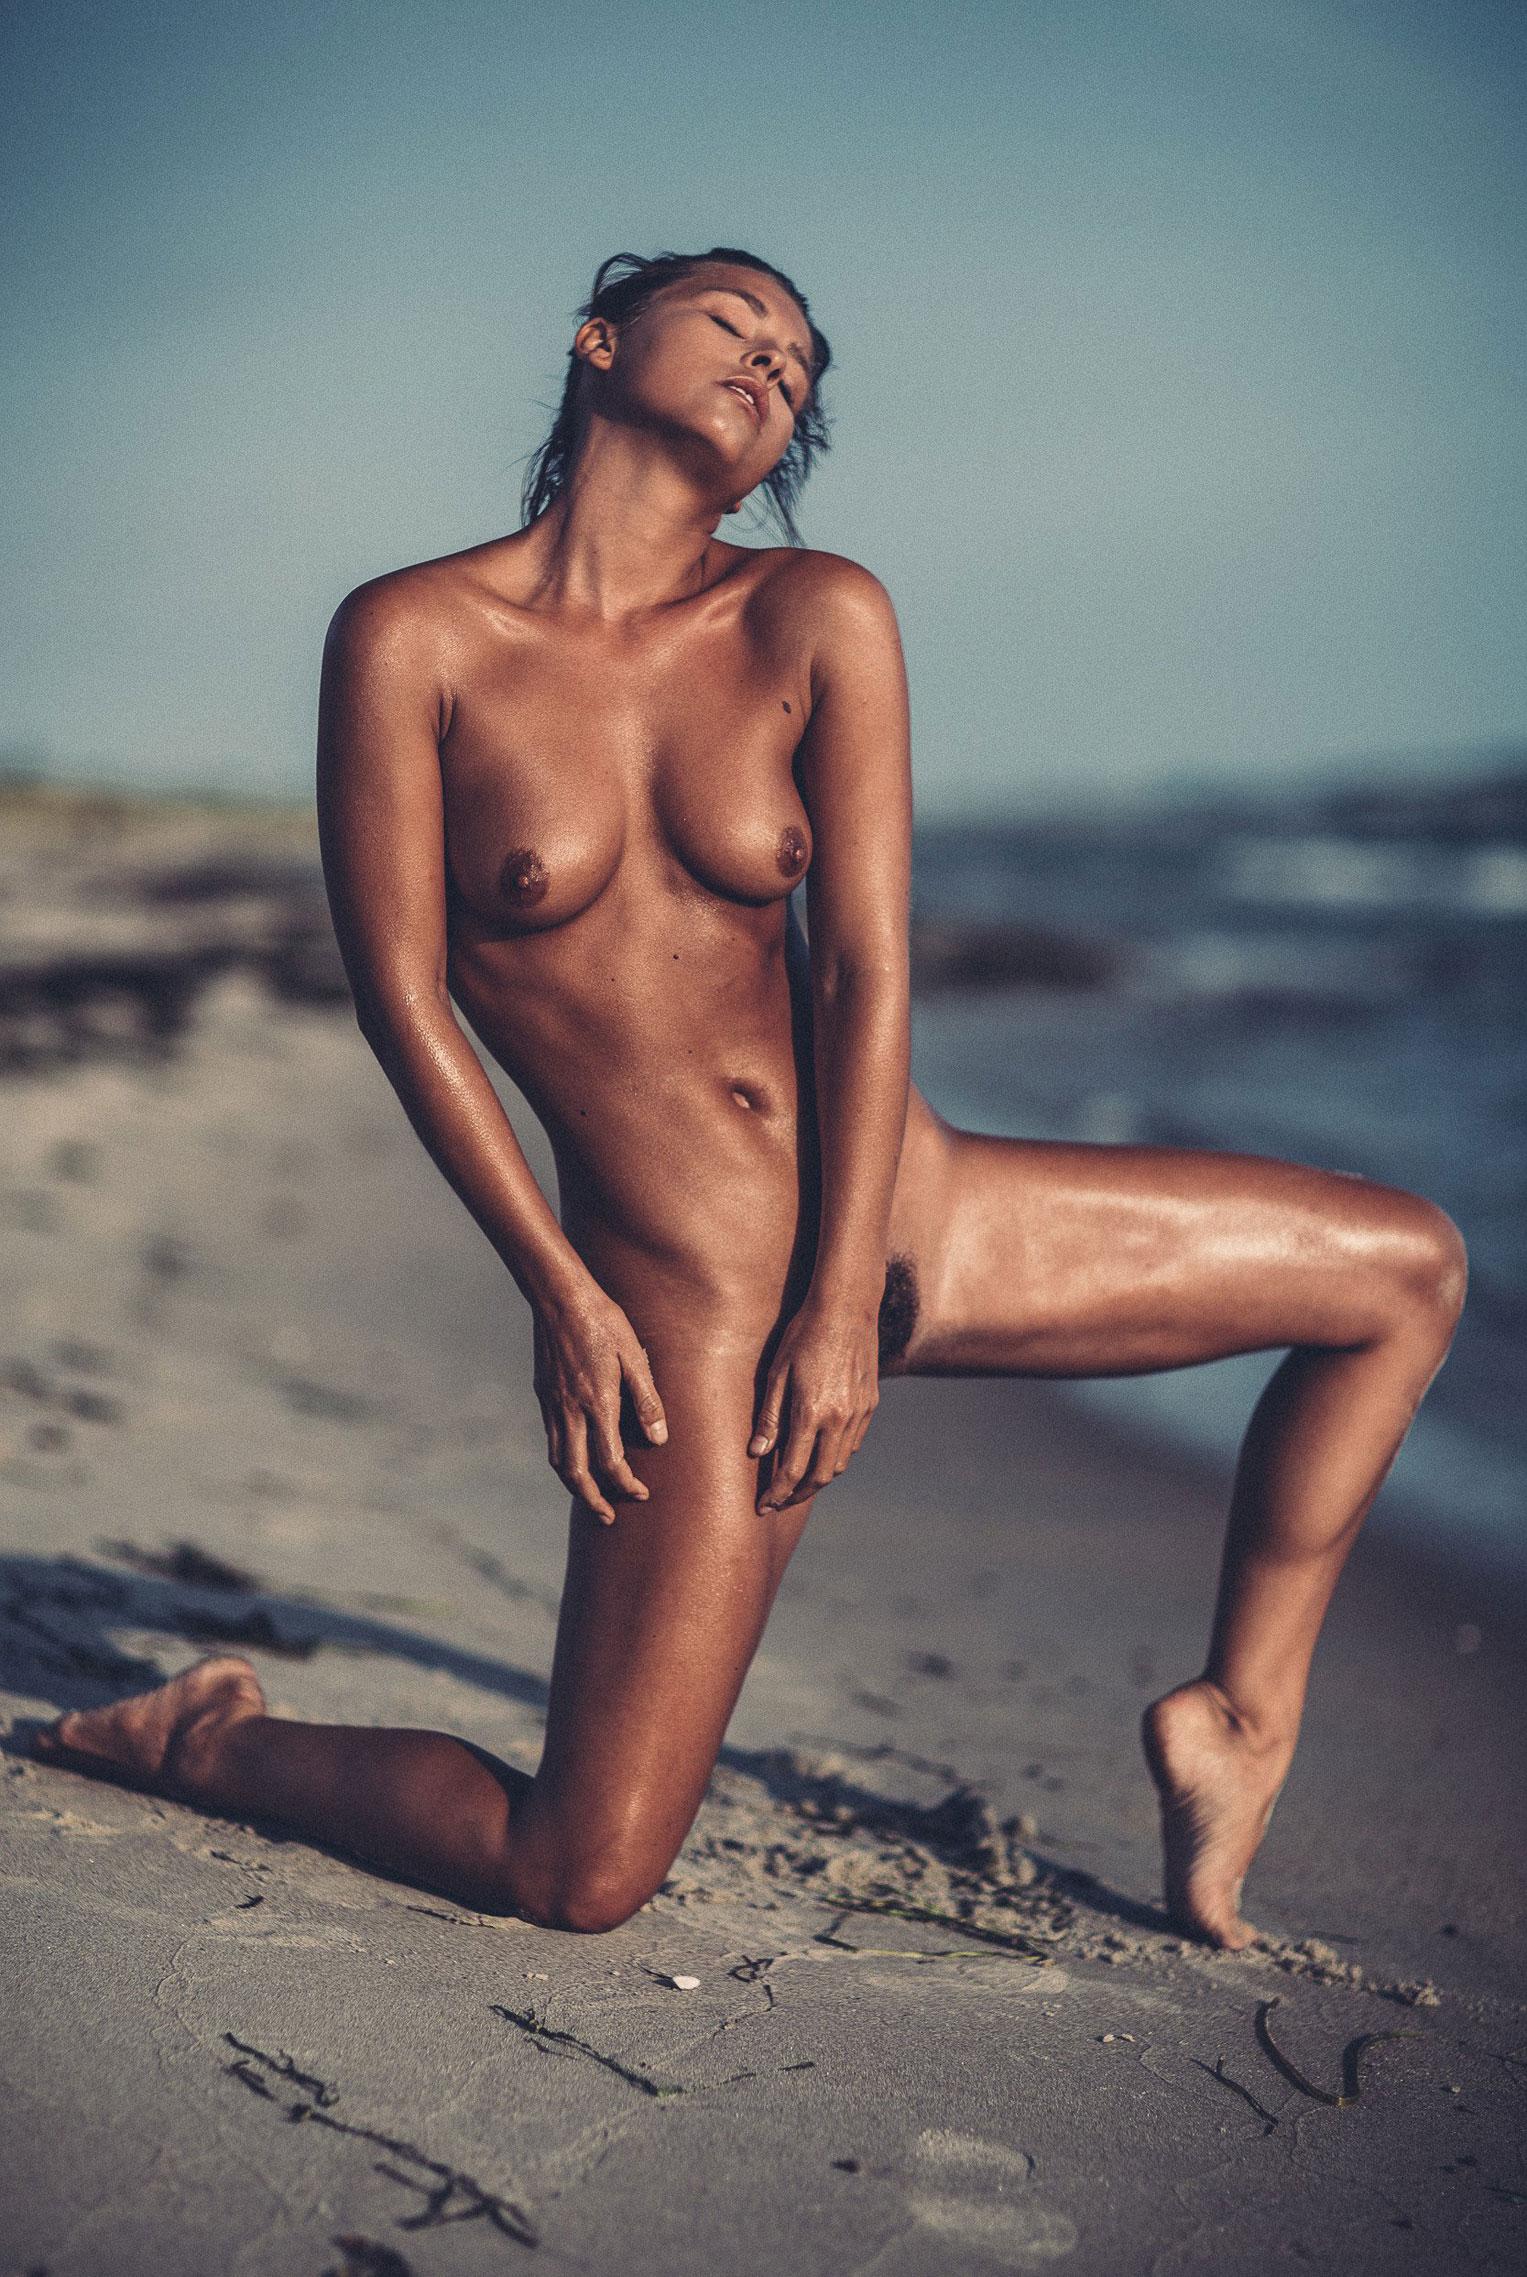 подборка фотографий сексуальных голых девушек - Marisa Papen